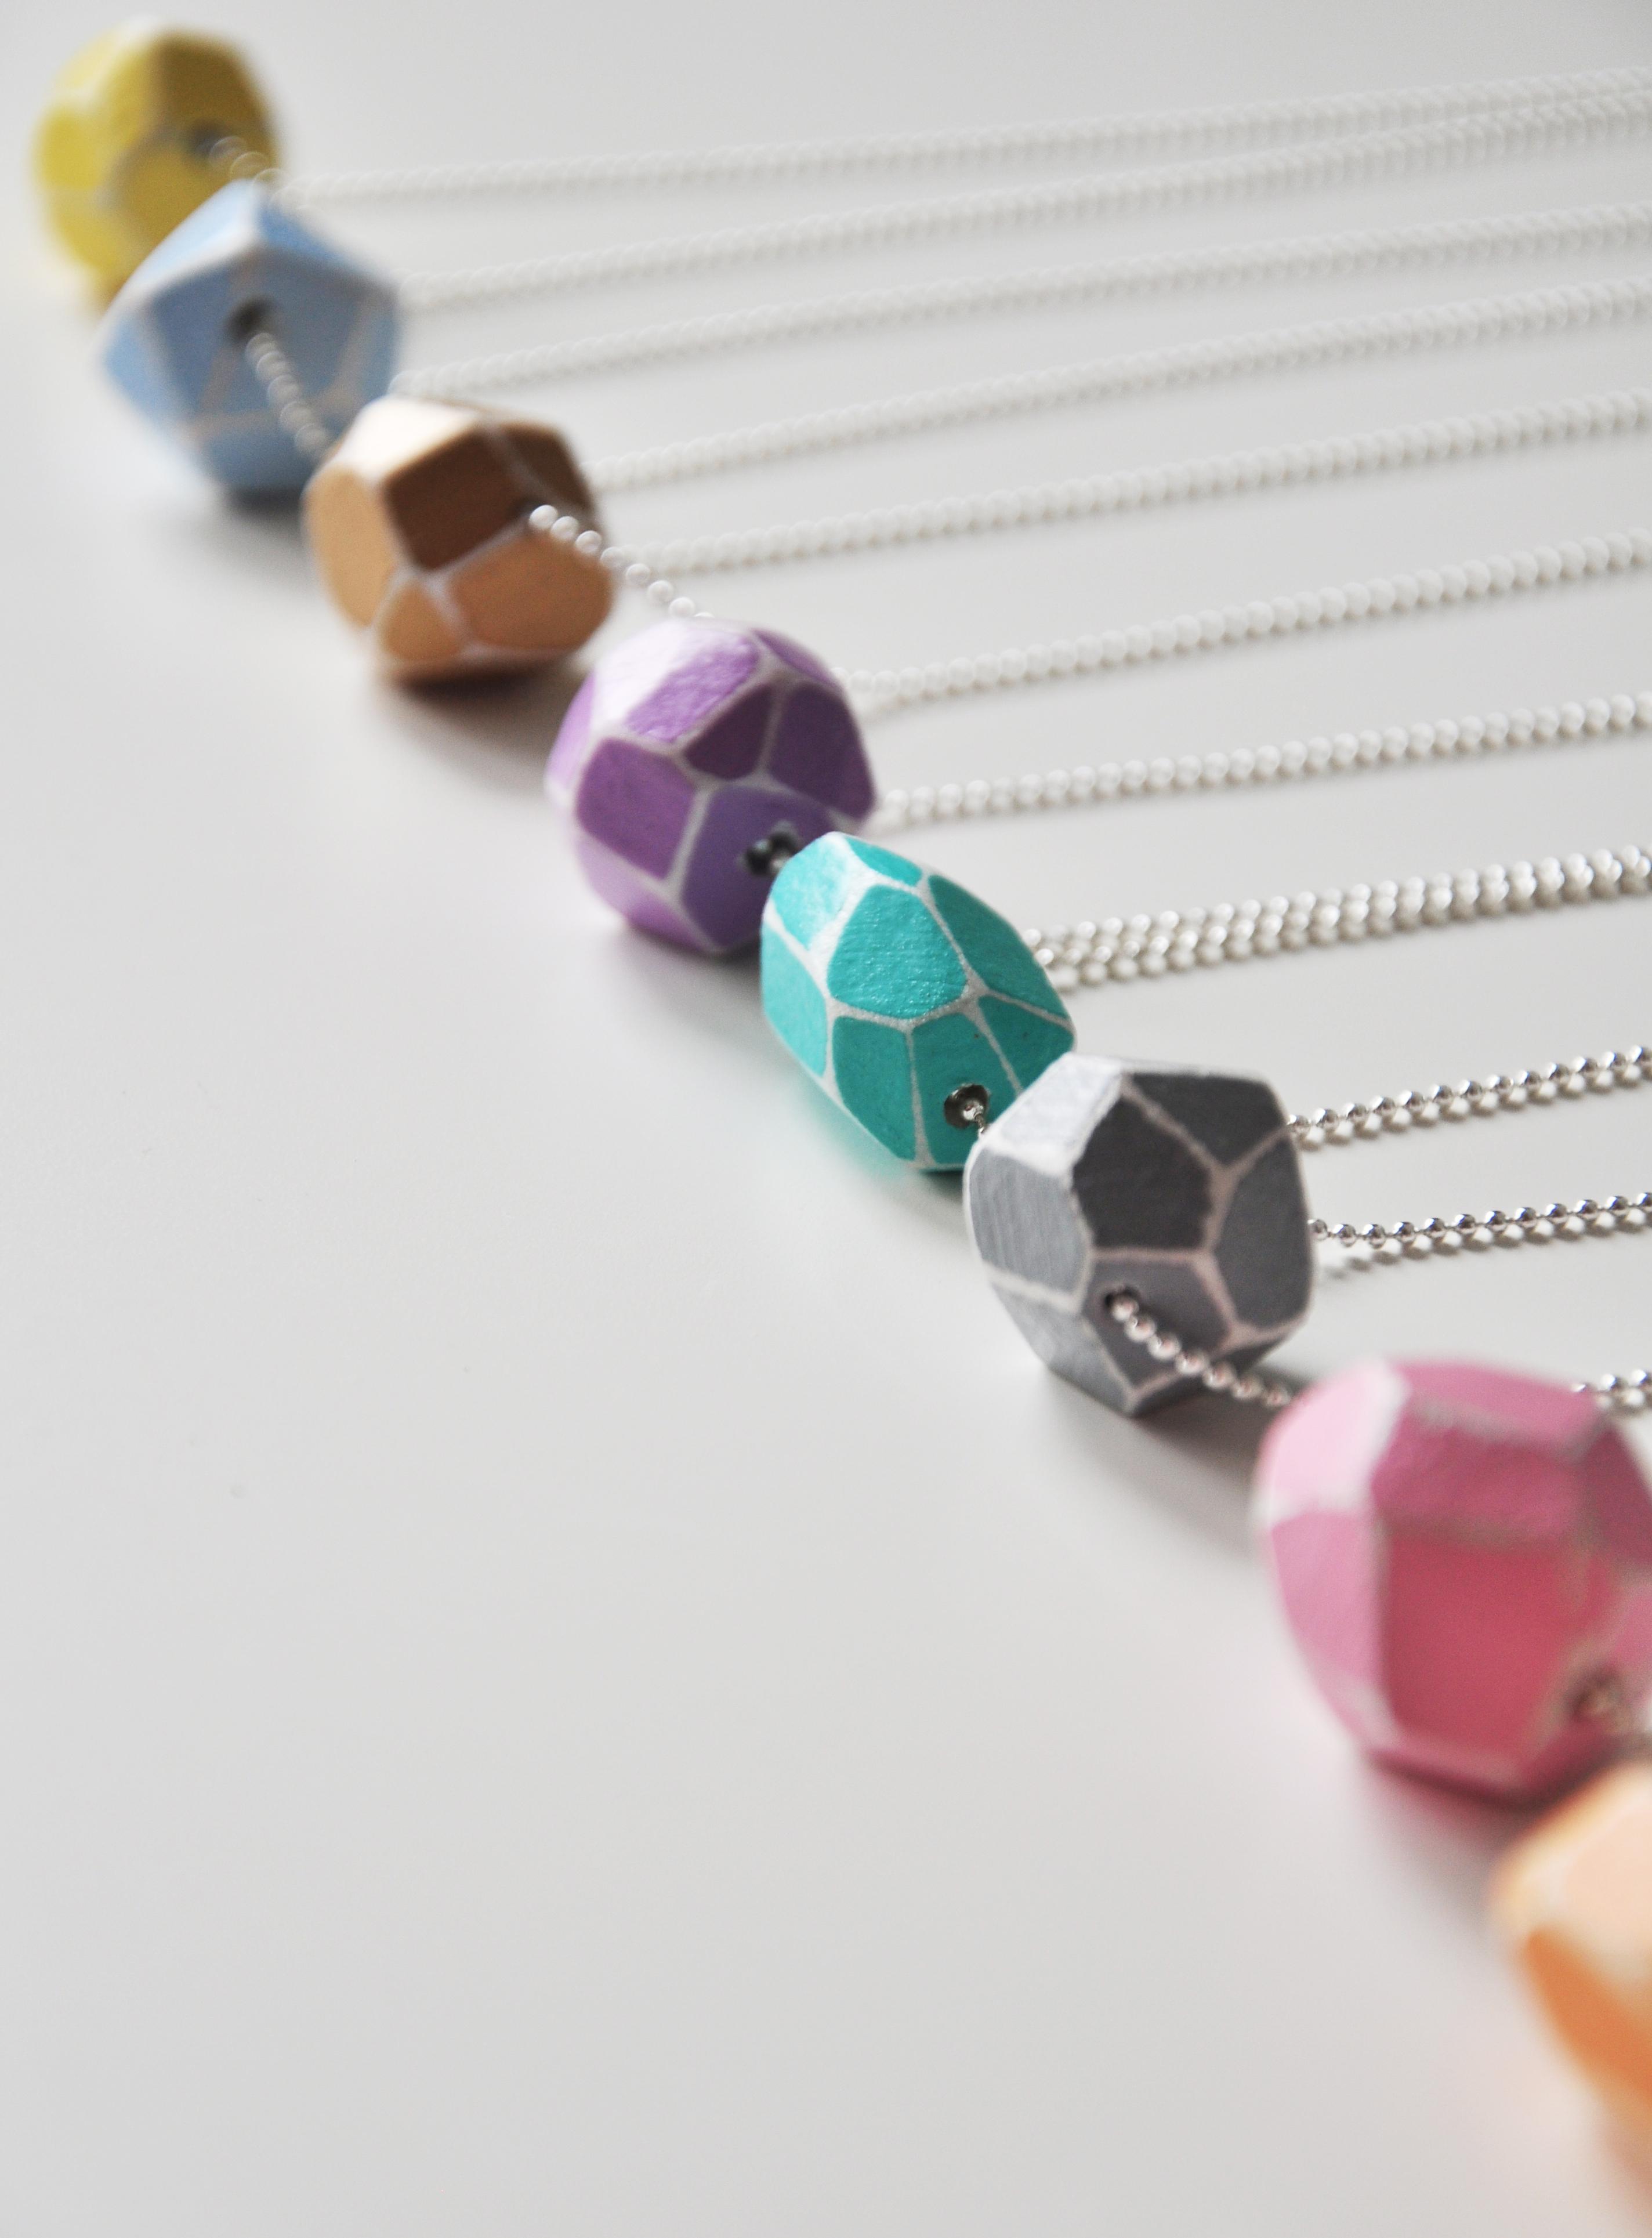 GEO bead necklaces